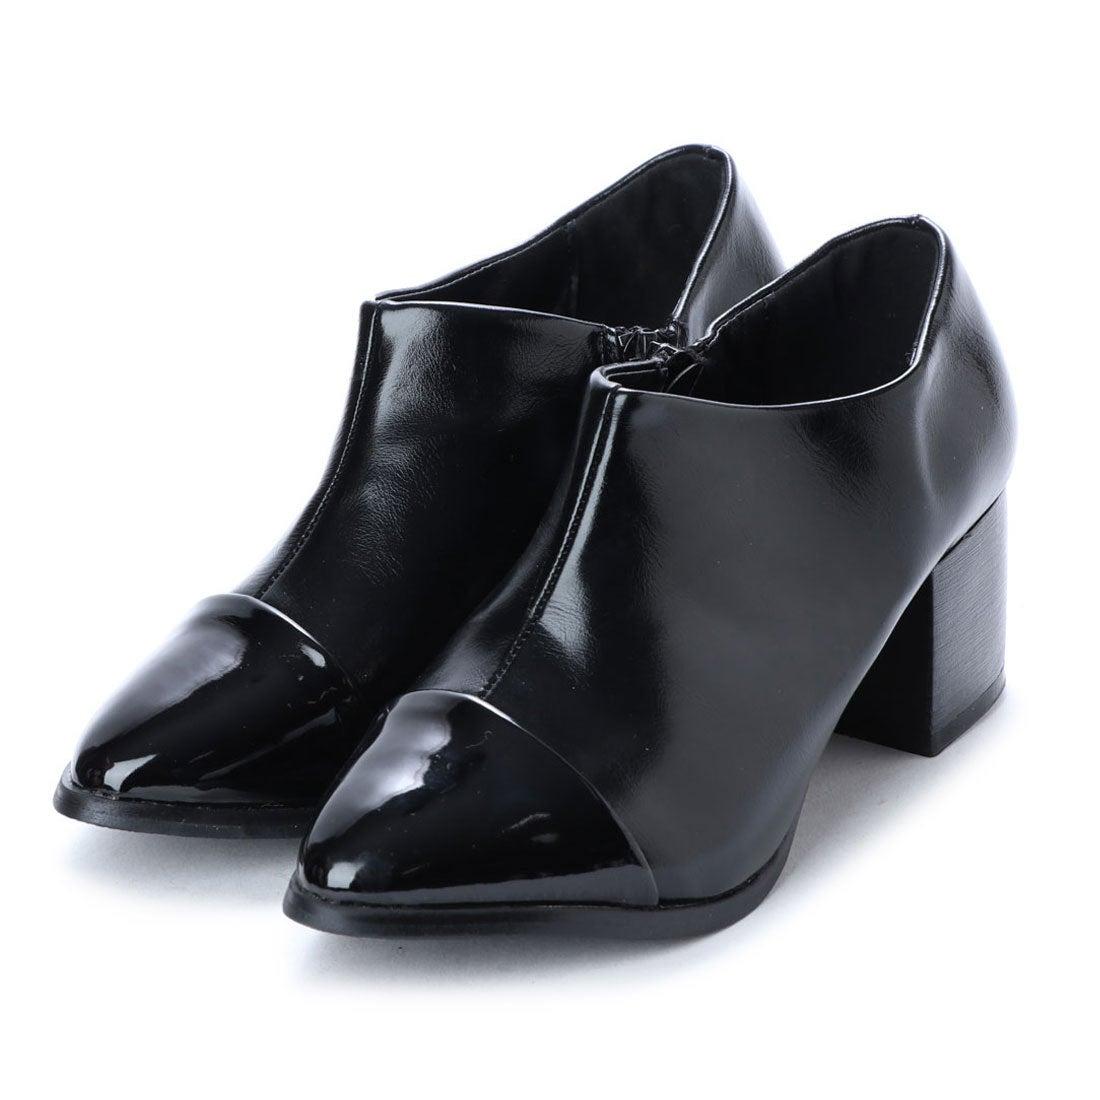 ロコンド 靴とファッションの通販サイトスタイルブロック STYLEBLOCK バイカラーチャンキーヒールブーティ (ブラック)